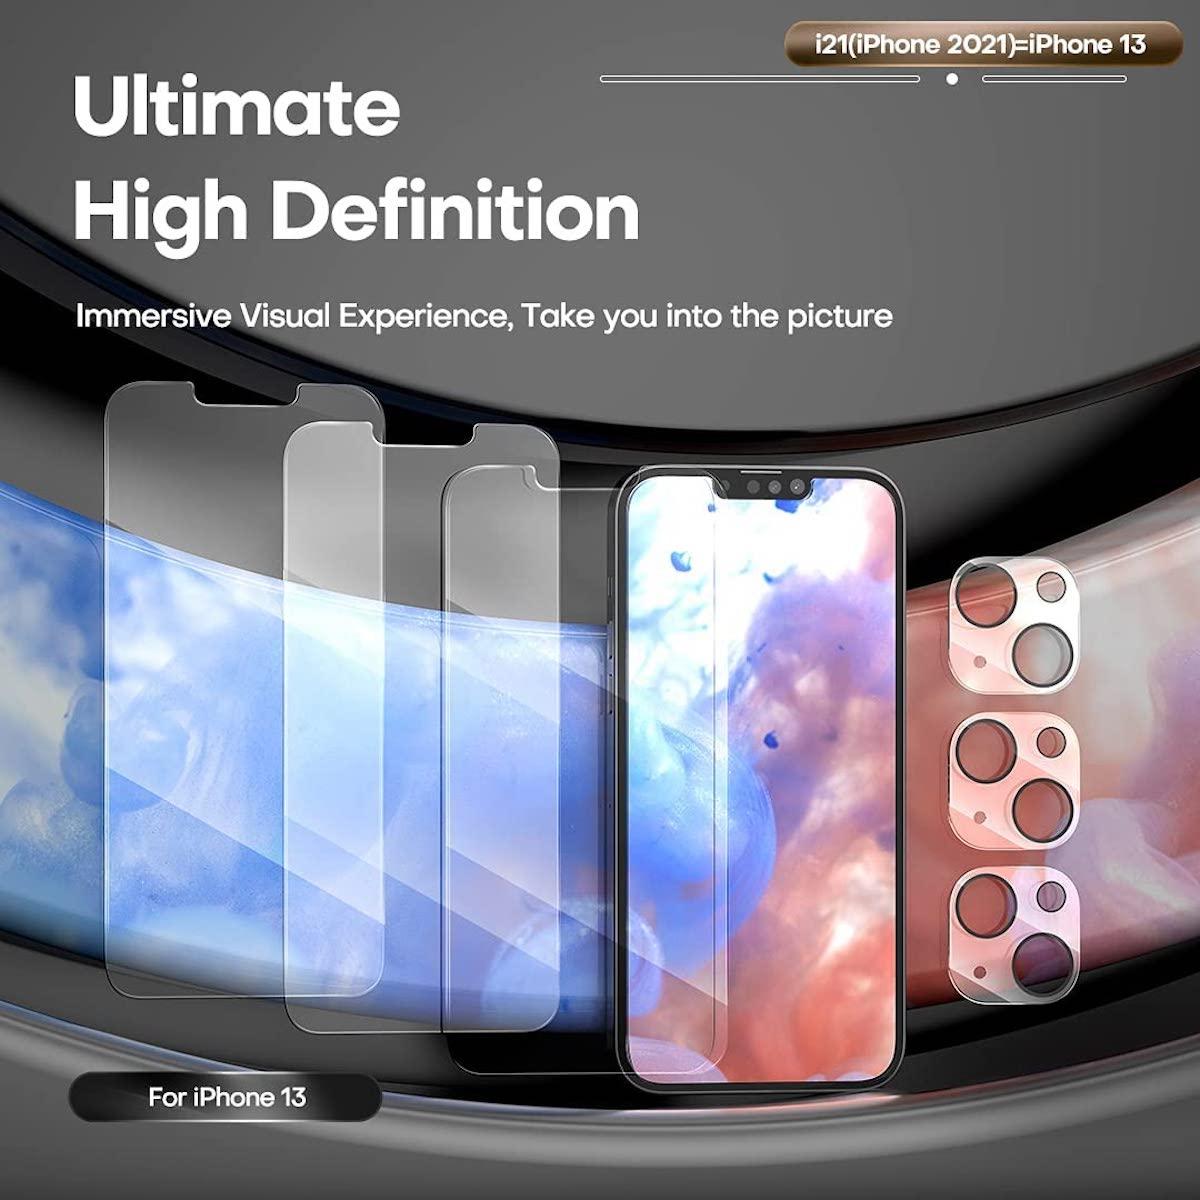 Pellicola protettiva fronte-retro per iPhone 13, 6 pezzi sconto coupon a 7,99€